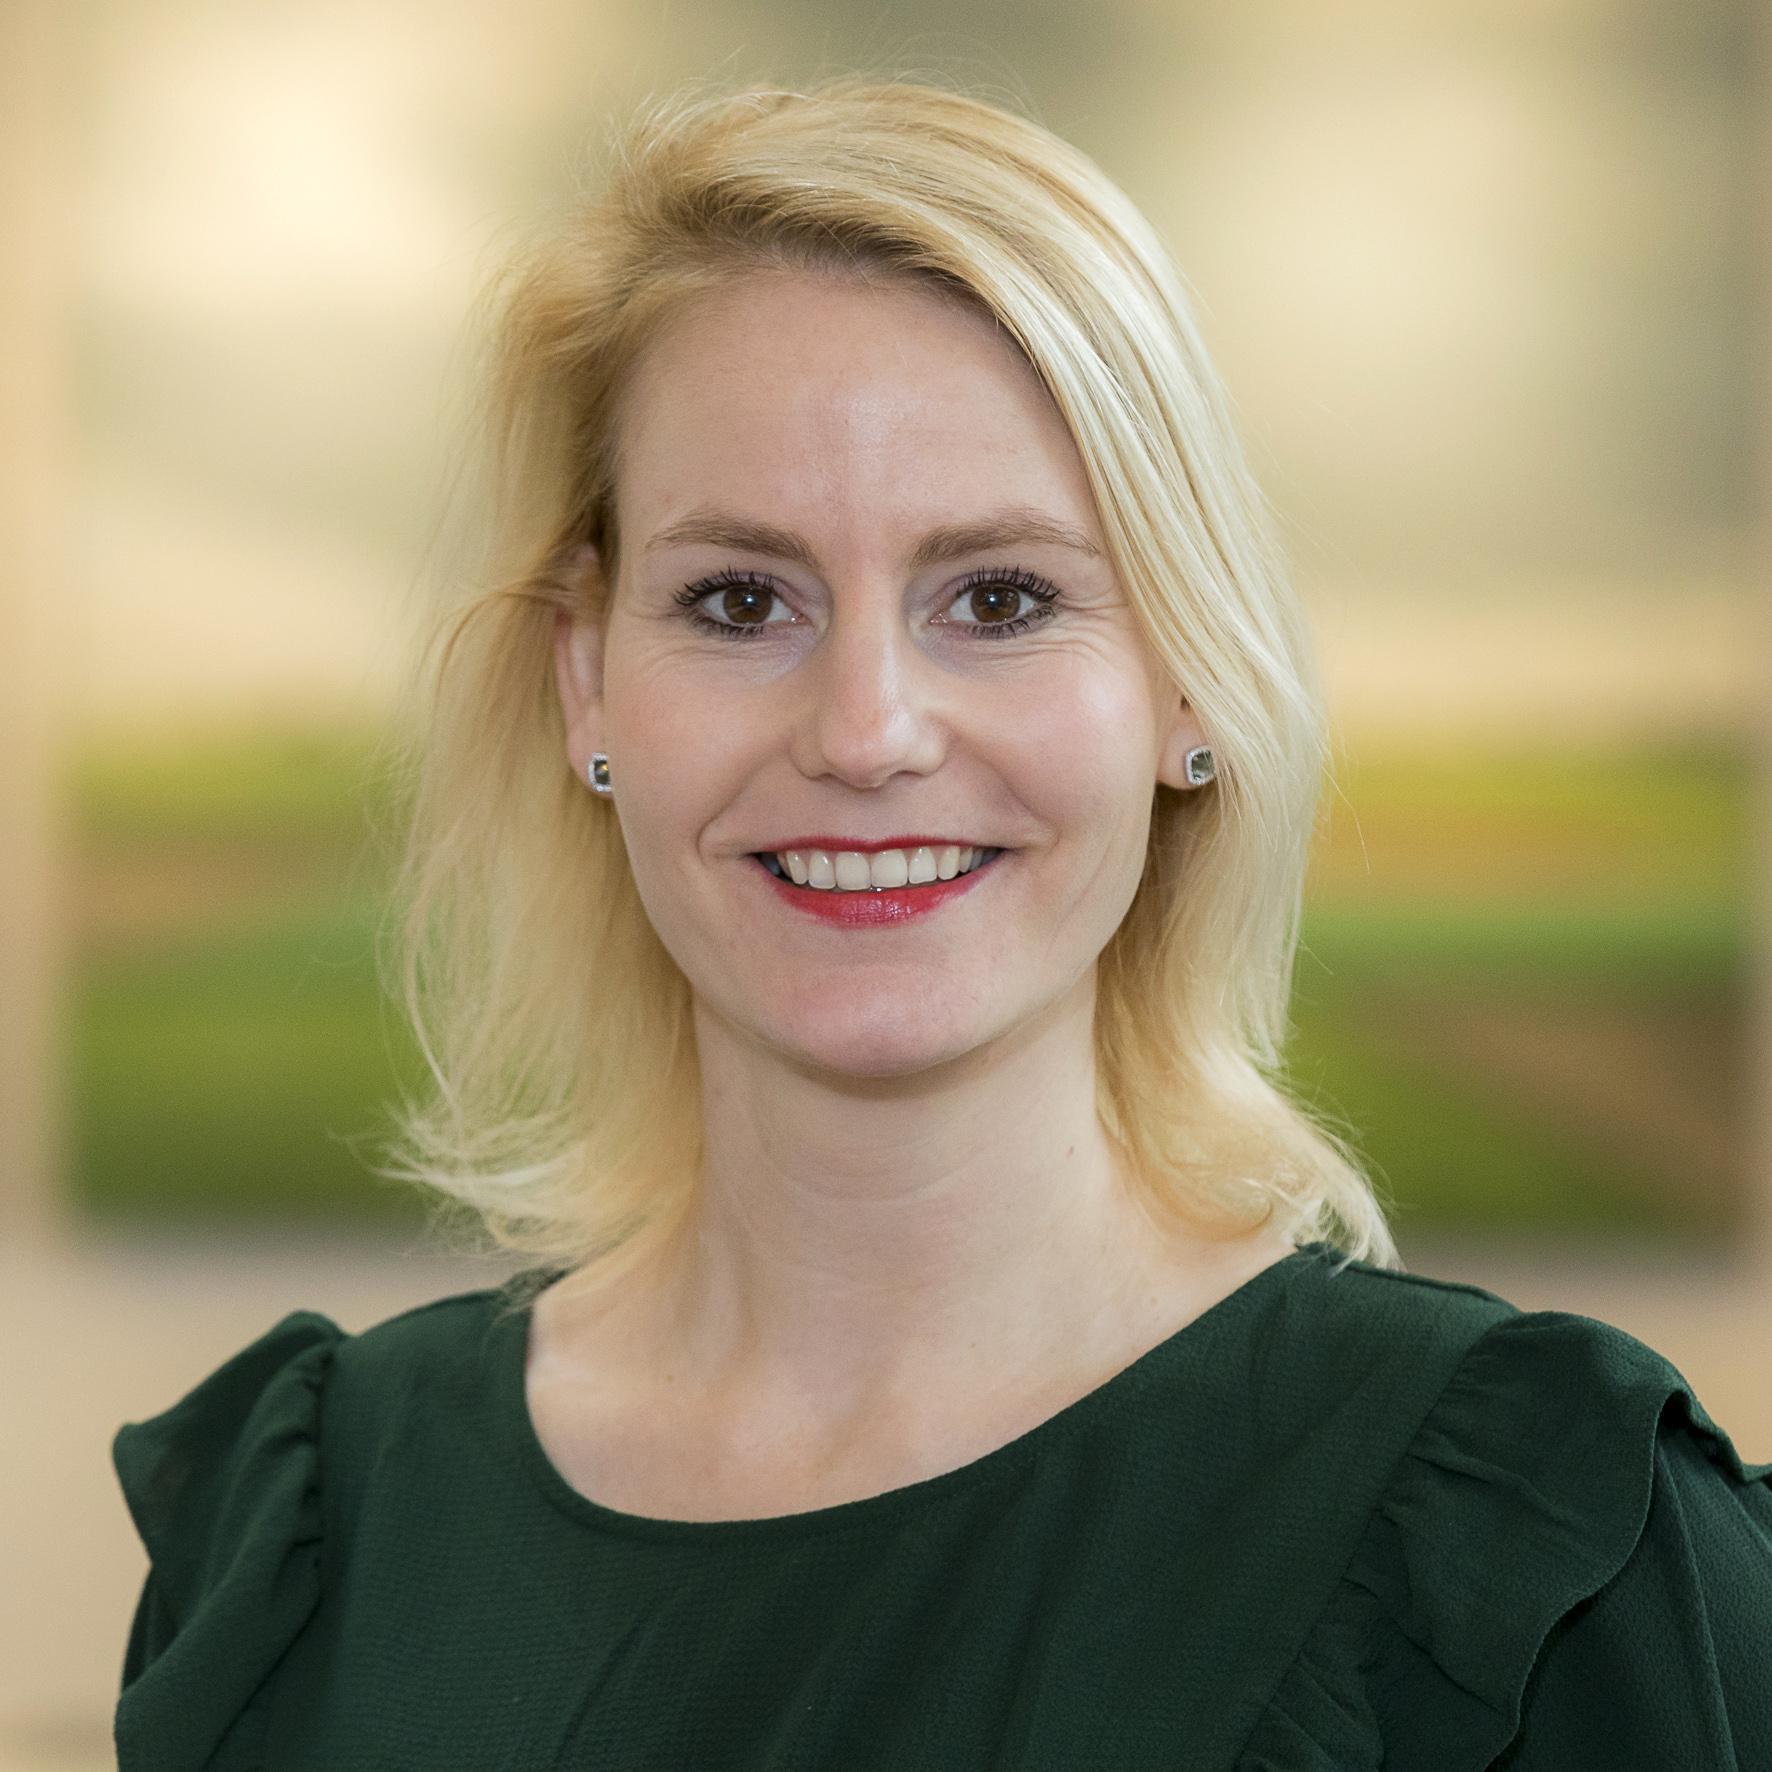 Lissese wethouder Jeanet van der Laan thuis met corona